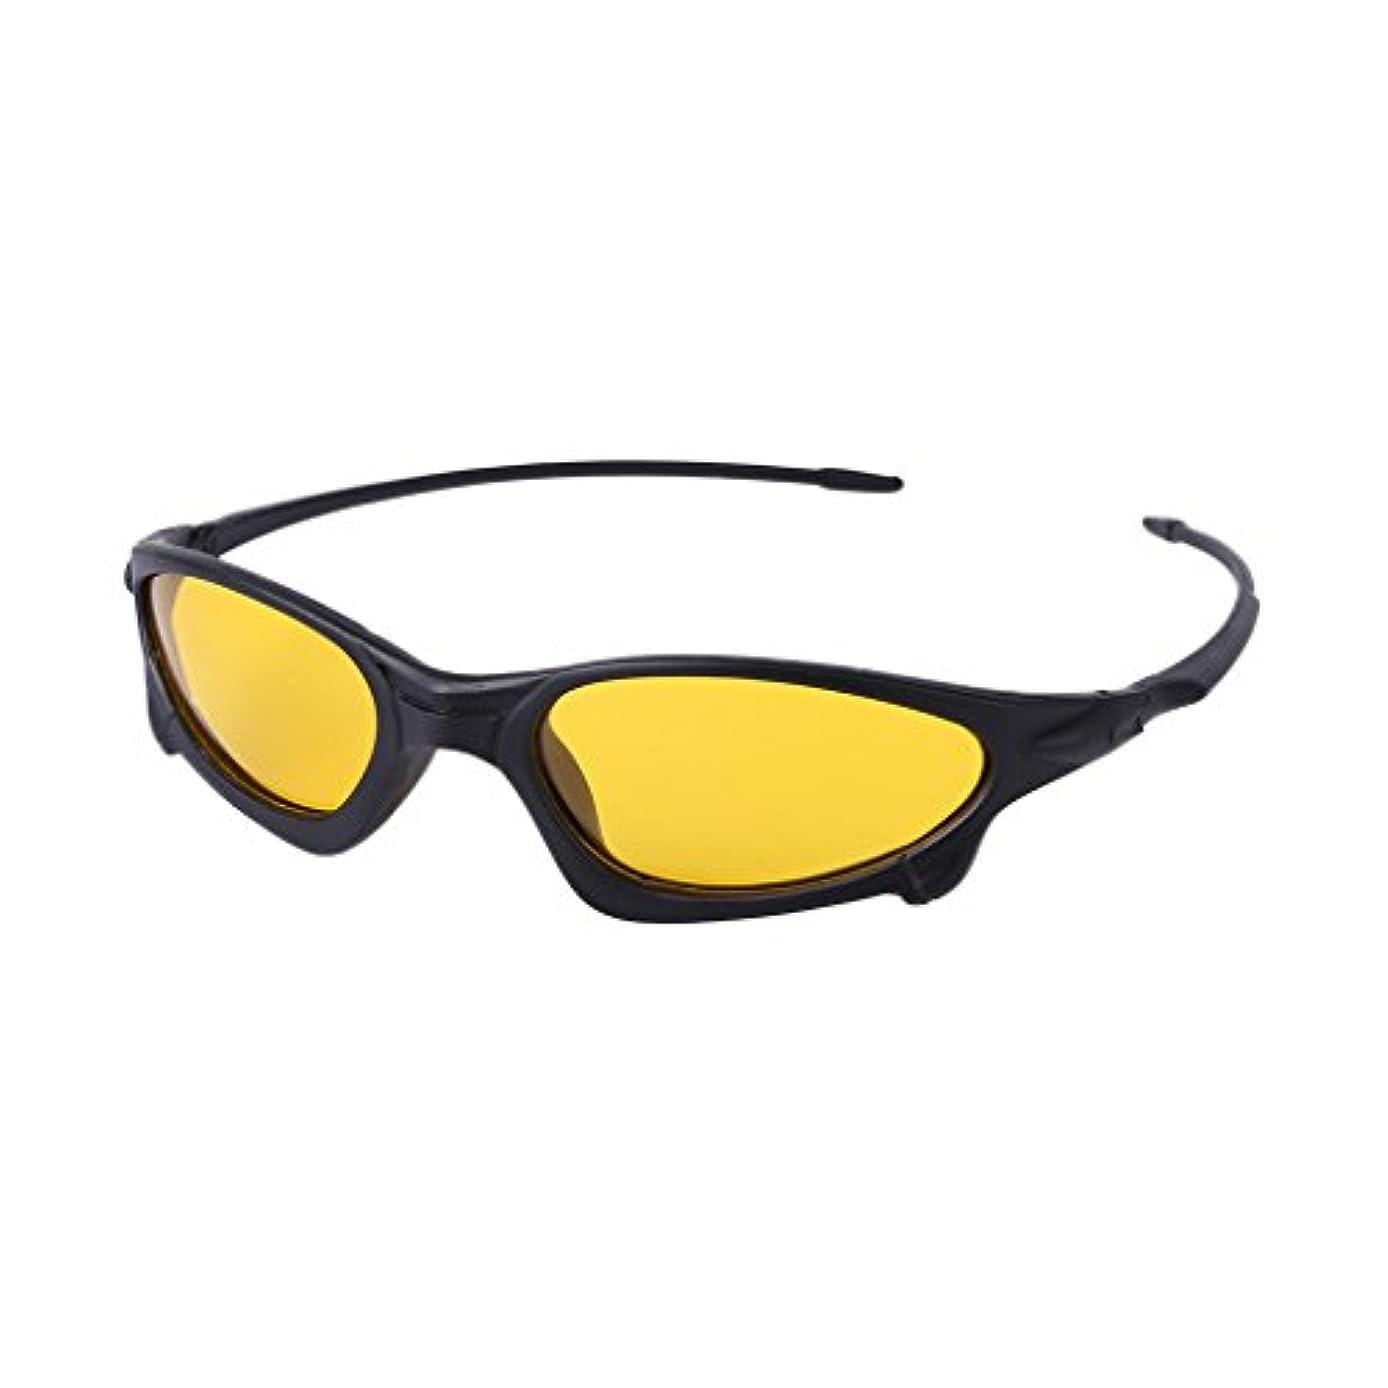 添付達成する不定Hukai メンズ サイクリング サングラス 偏光ゴーグル 保護 スポーツ 釣り ナイトビジョン